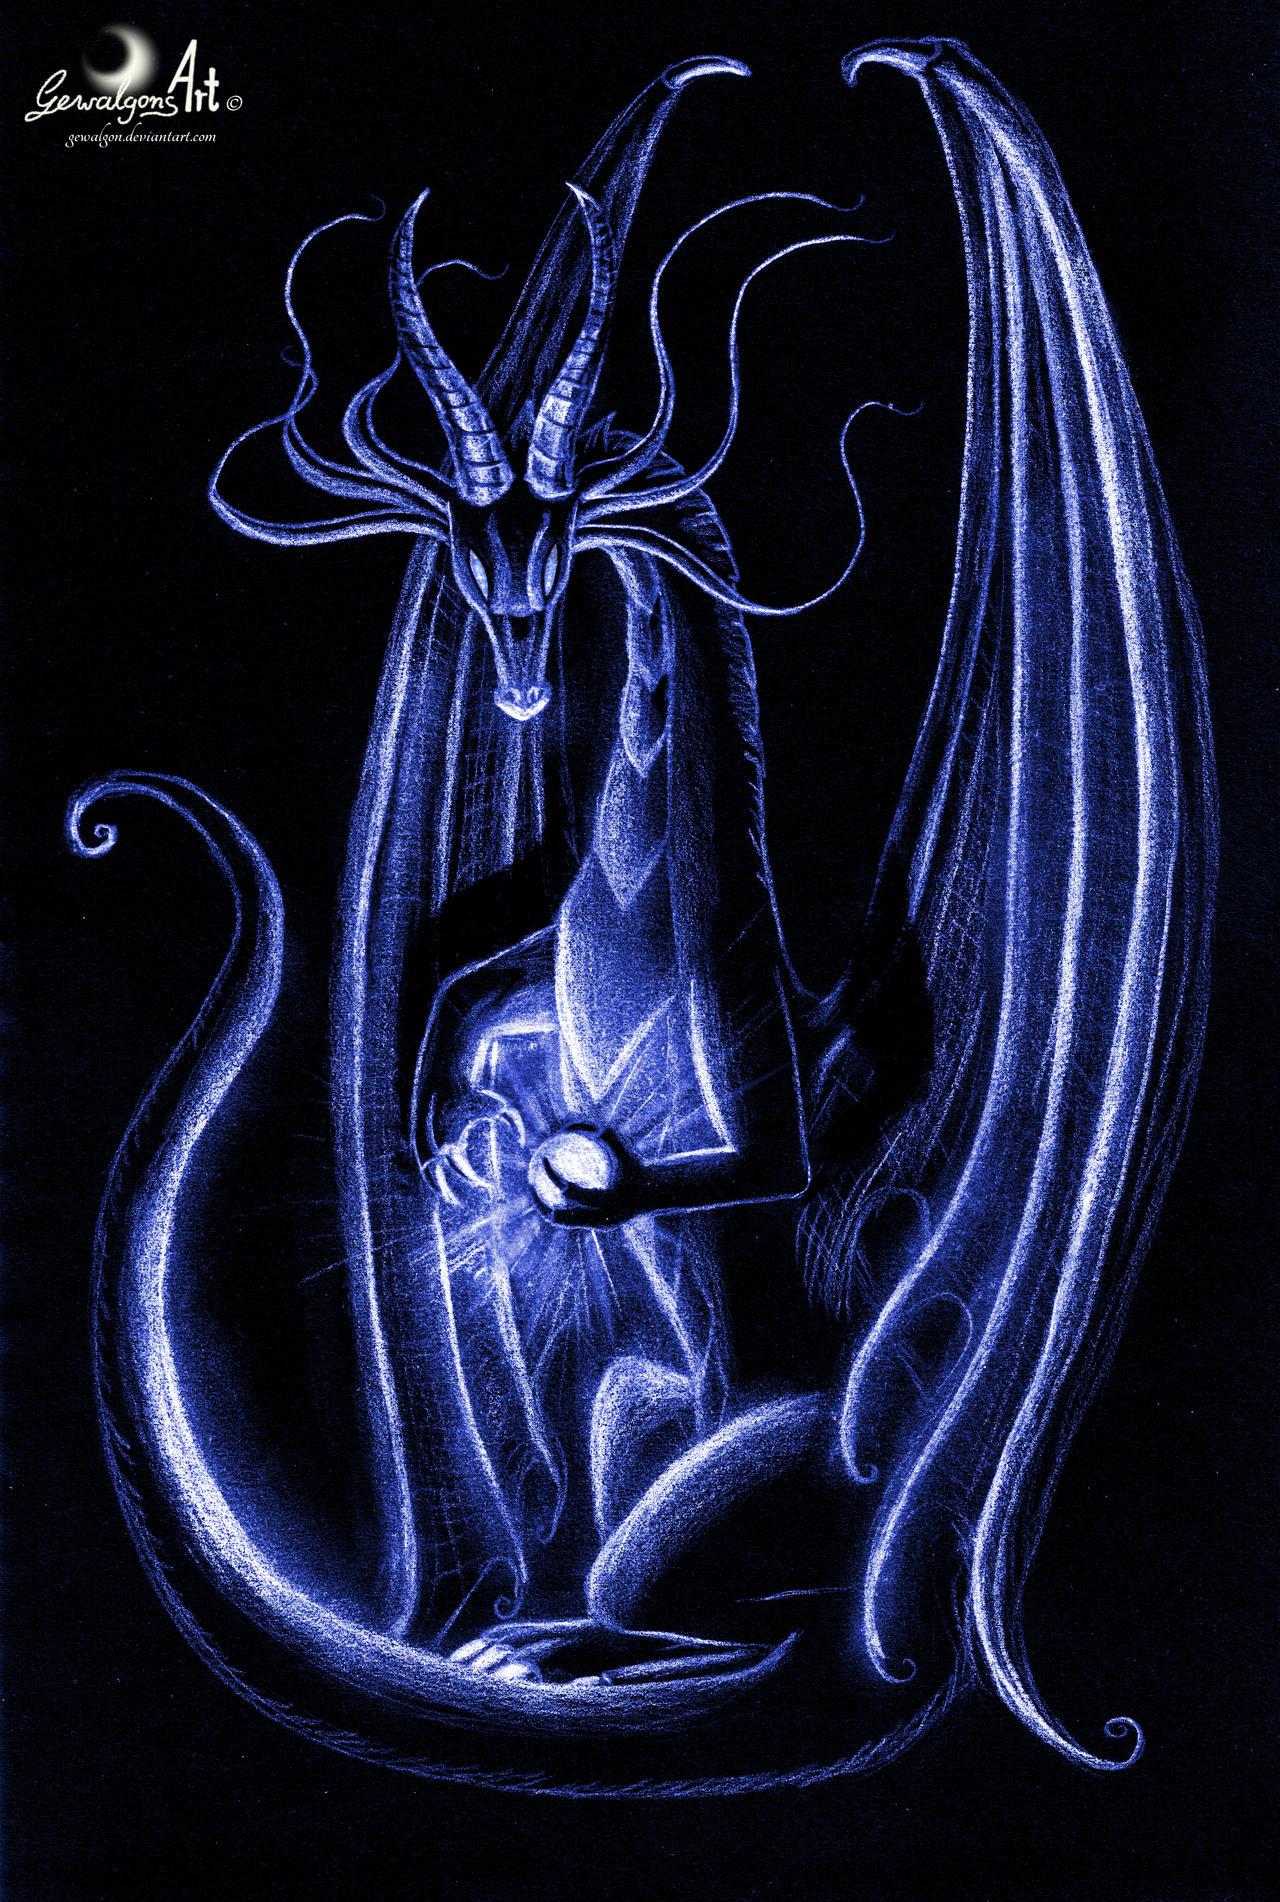 Blue Dragon Light by Gewalgon